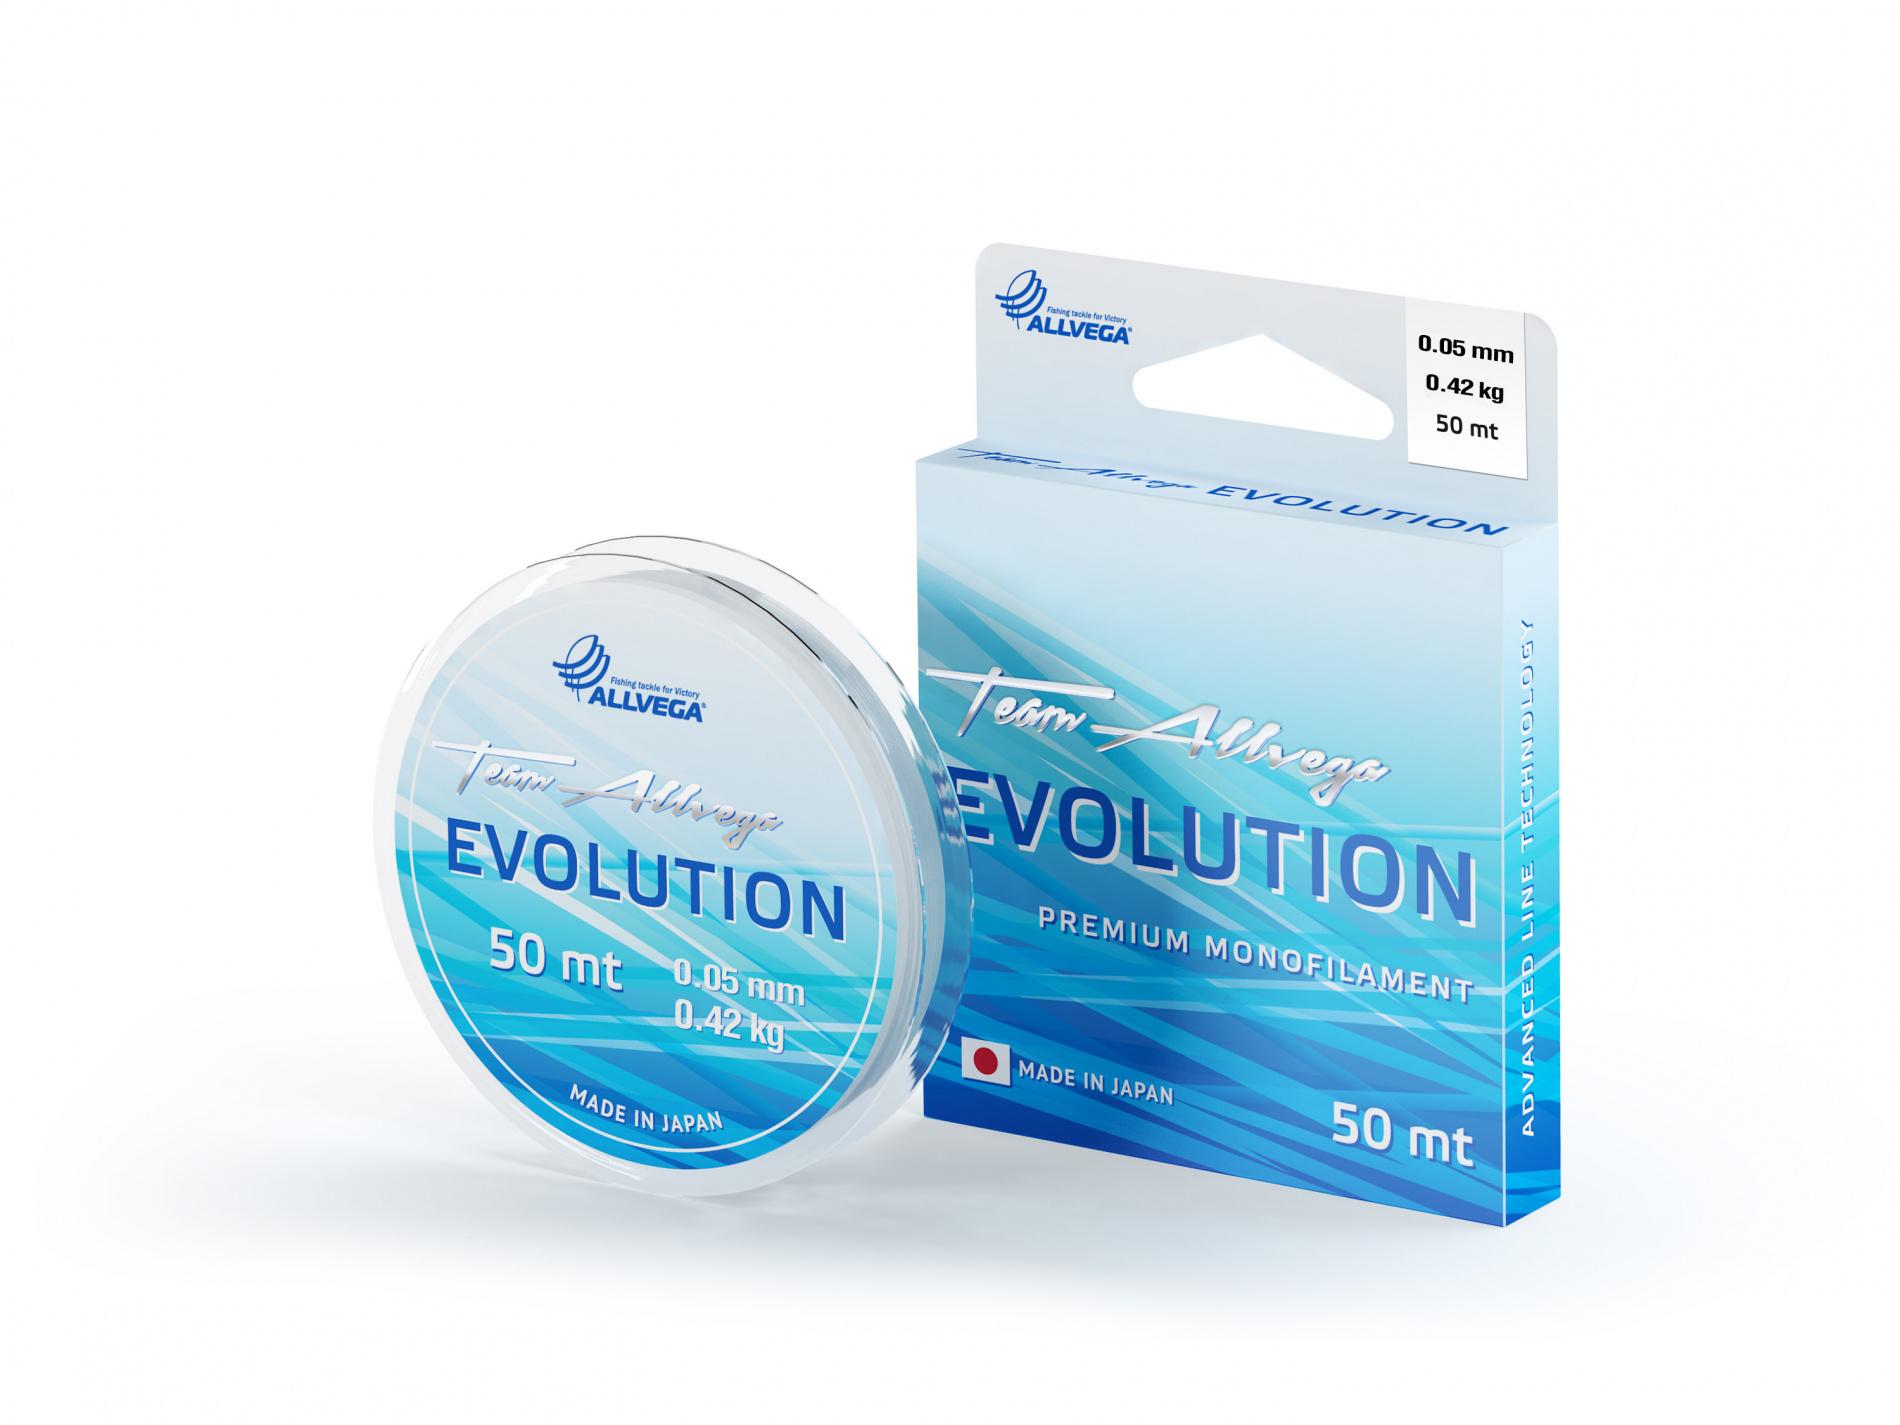 Леска ALLVEGA Evolution 0,05мм (50м) (0,42кг) (прозрачная)Леска монофильная<br>Леска EVOLUTION - это результат интеграции многолетнего <br>опыта европейских рыболовов-спортсменов <br>и современных японских технологий! Важнейшим <br>свойством лески является её однородность <br>и соответствие заявленному диаметру. Если <br>появляется неравномерность в калибровке <br>лески и искажается идеальная окружность <br>в сечении, это ведет к потере однородности <br>лески и ослабляет её. В этом смысле, на сегодняшний <br>день леска EVOLUTION имеет наиболее однородную <br>структуру. Из множества вариантов мы выбираем <br>новейшее и наиболее подходящее сырьё, чтобы <br>добиться исключительных характеристик <br>лески, выдержать оптимальный баланс между <br>прочностью и растяжимостью, и создать идеальный <br>продукт для любых условий ловли. Цвет прозрачный. <br>Сделана, размотана и упакована в Японии.<br><br>Сезон: лето